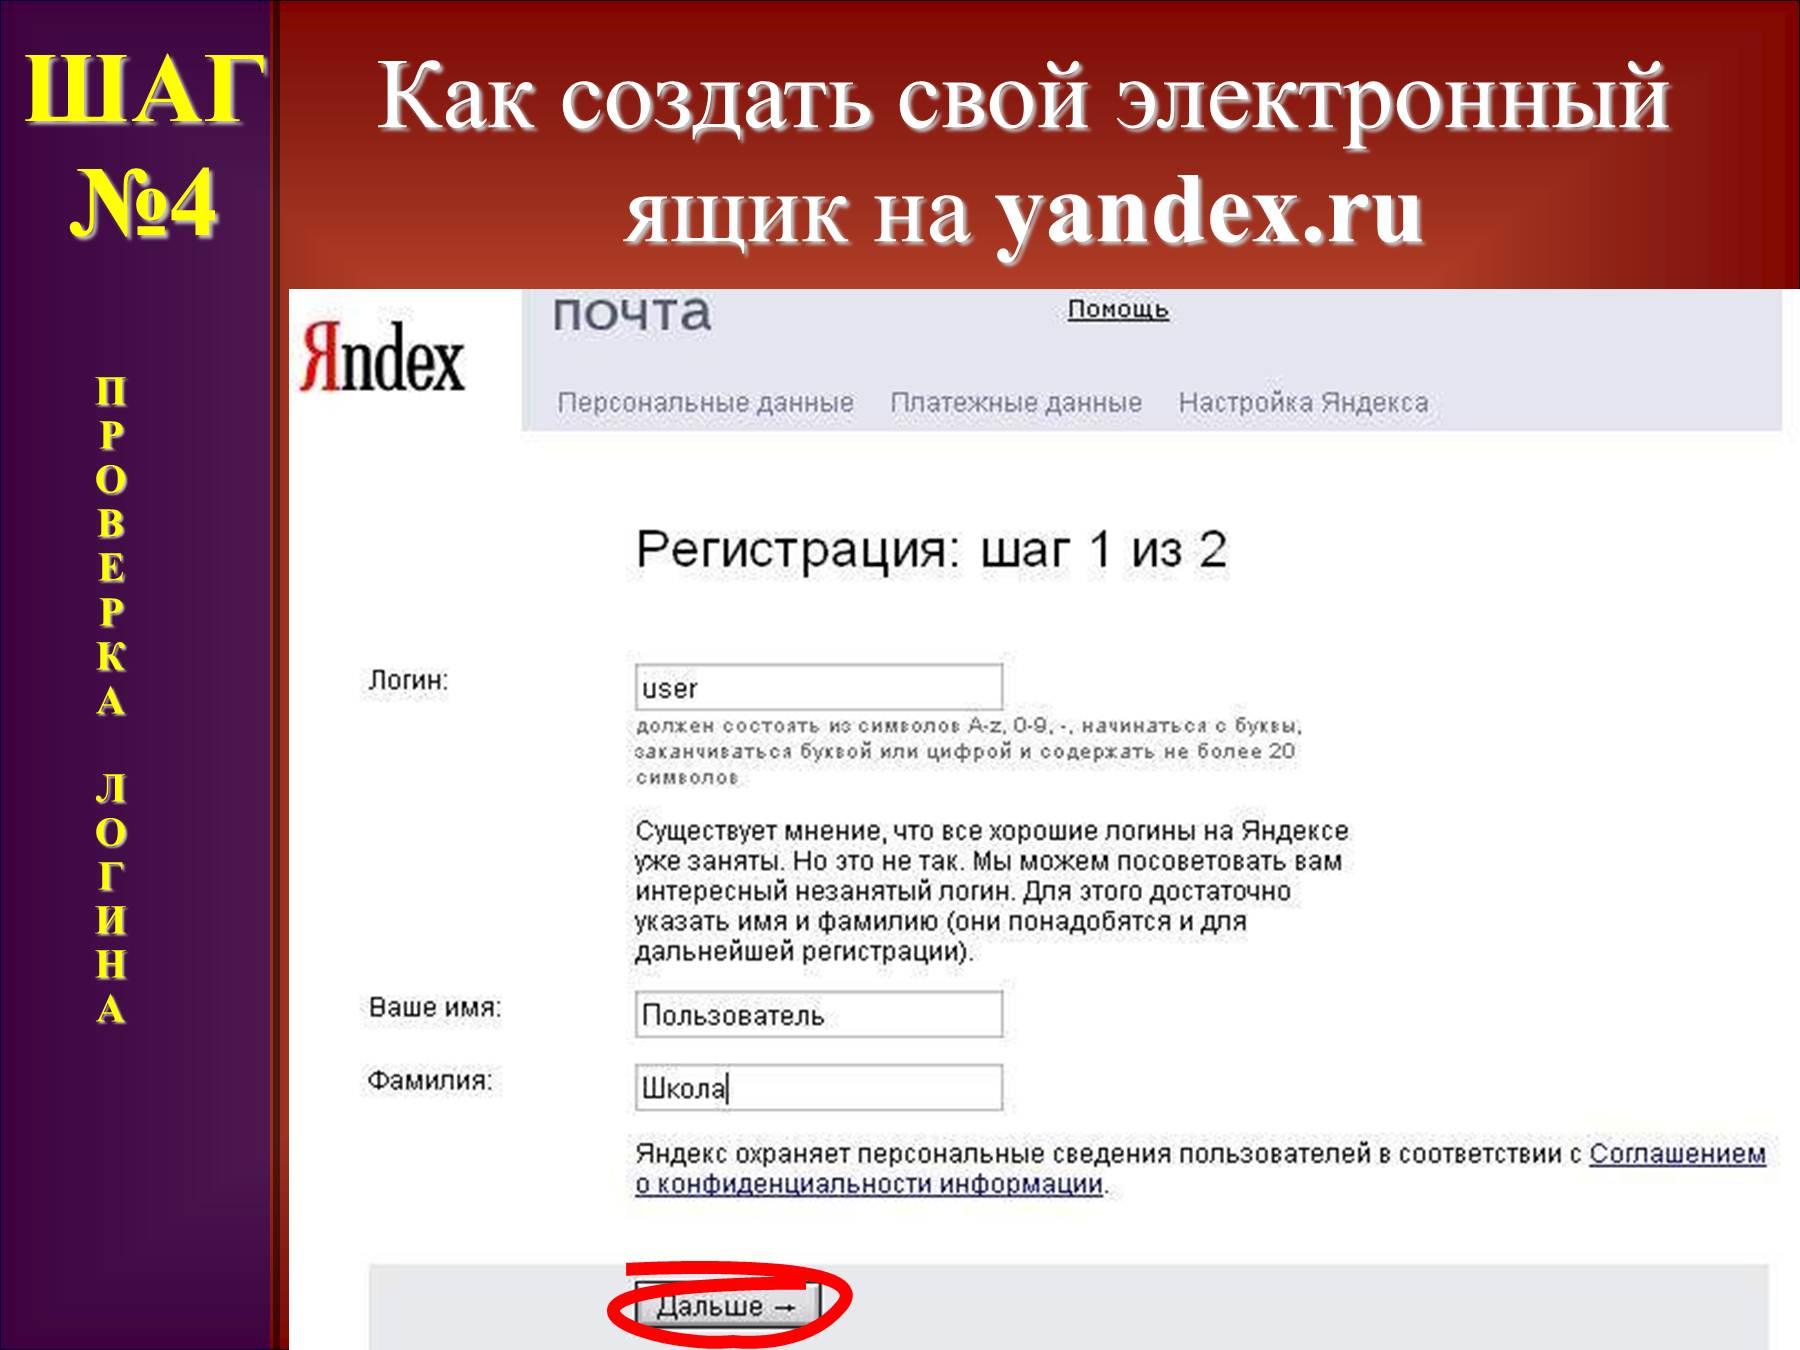 Как сделать электронную почту? Самая подробная инструкция!